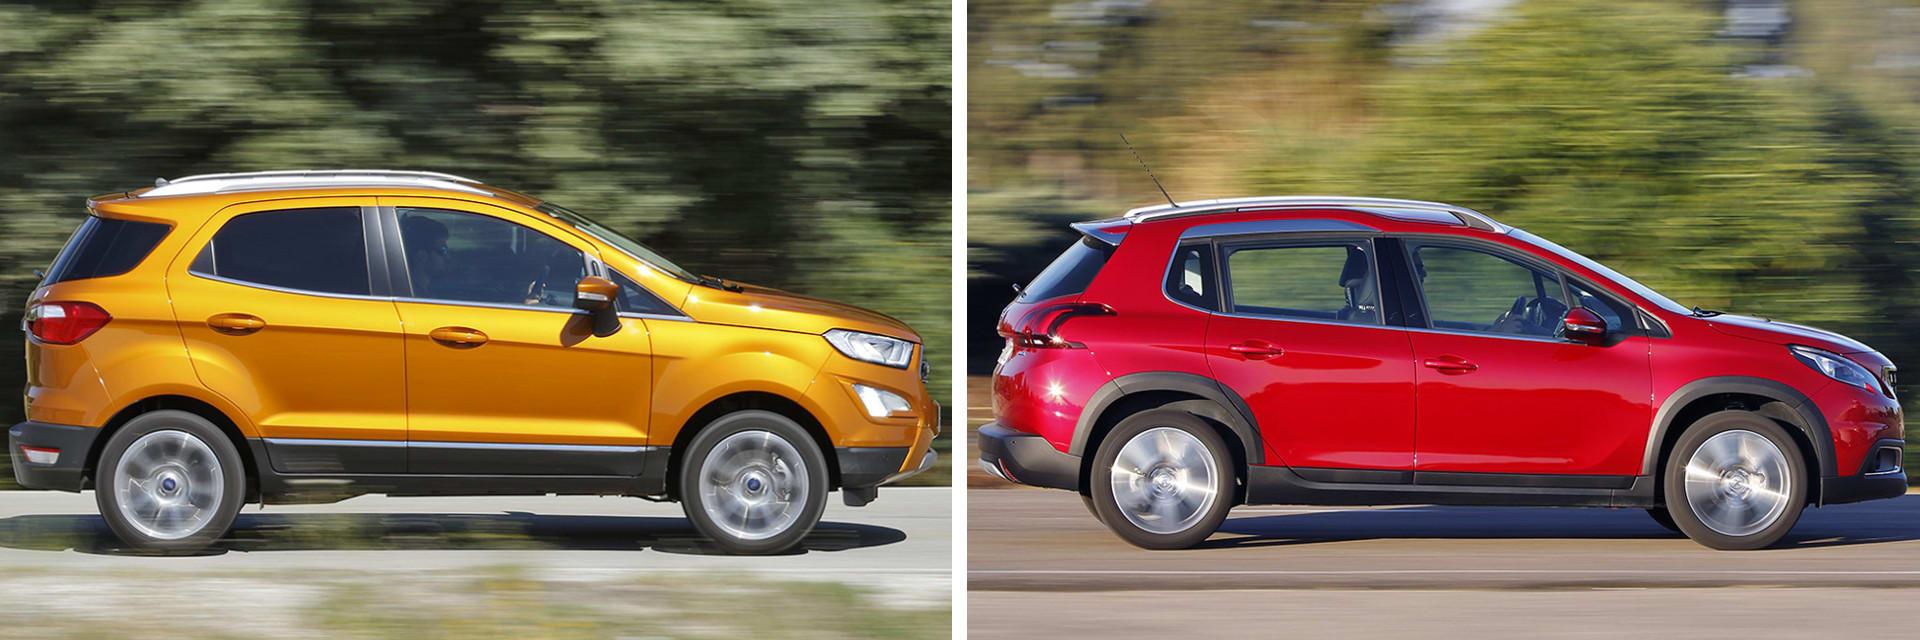 Ambos SUV pequeños tienen motor de gasolina y tracción delantera.